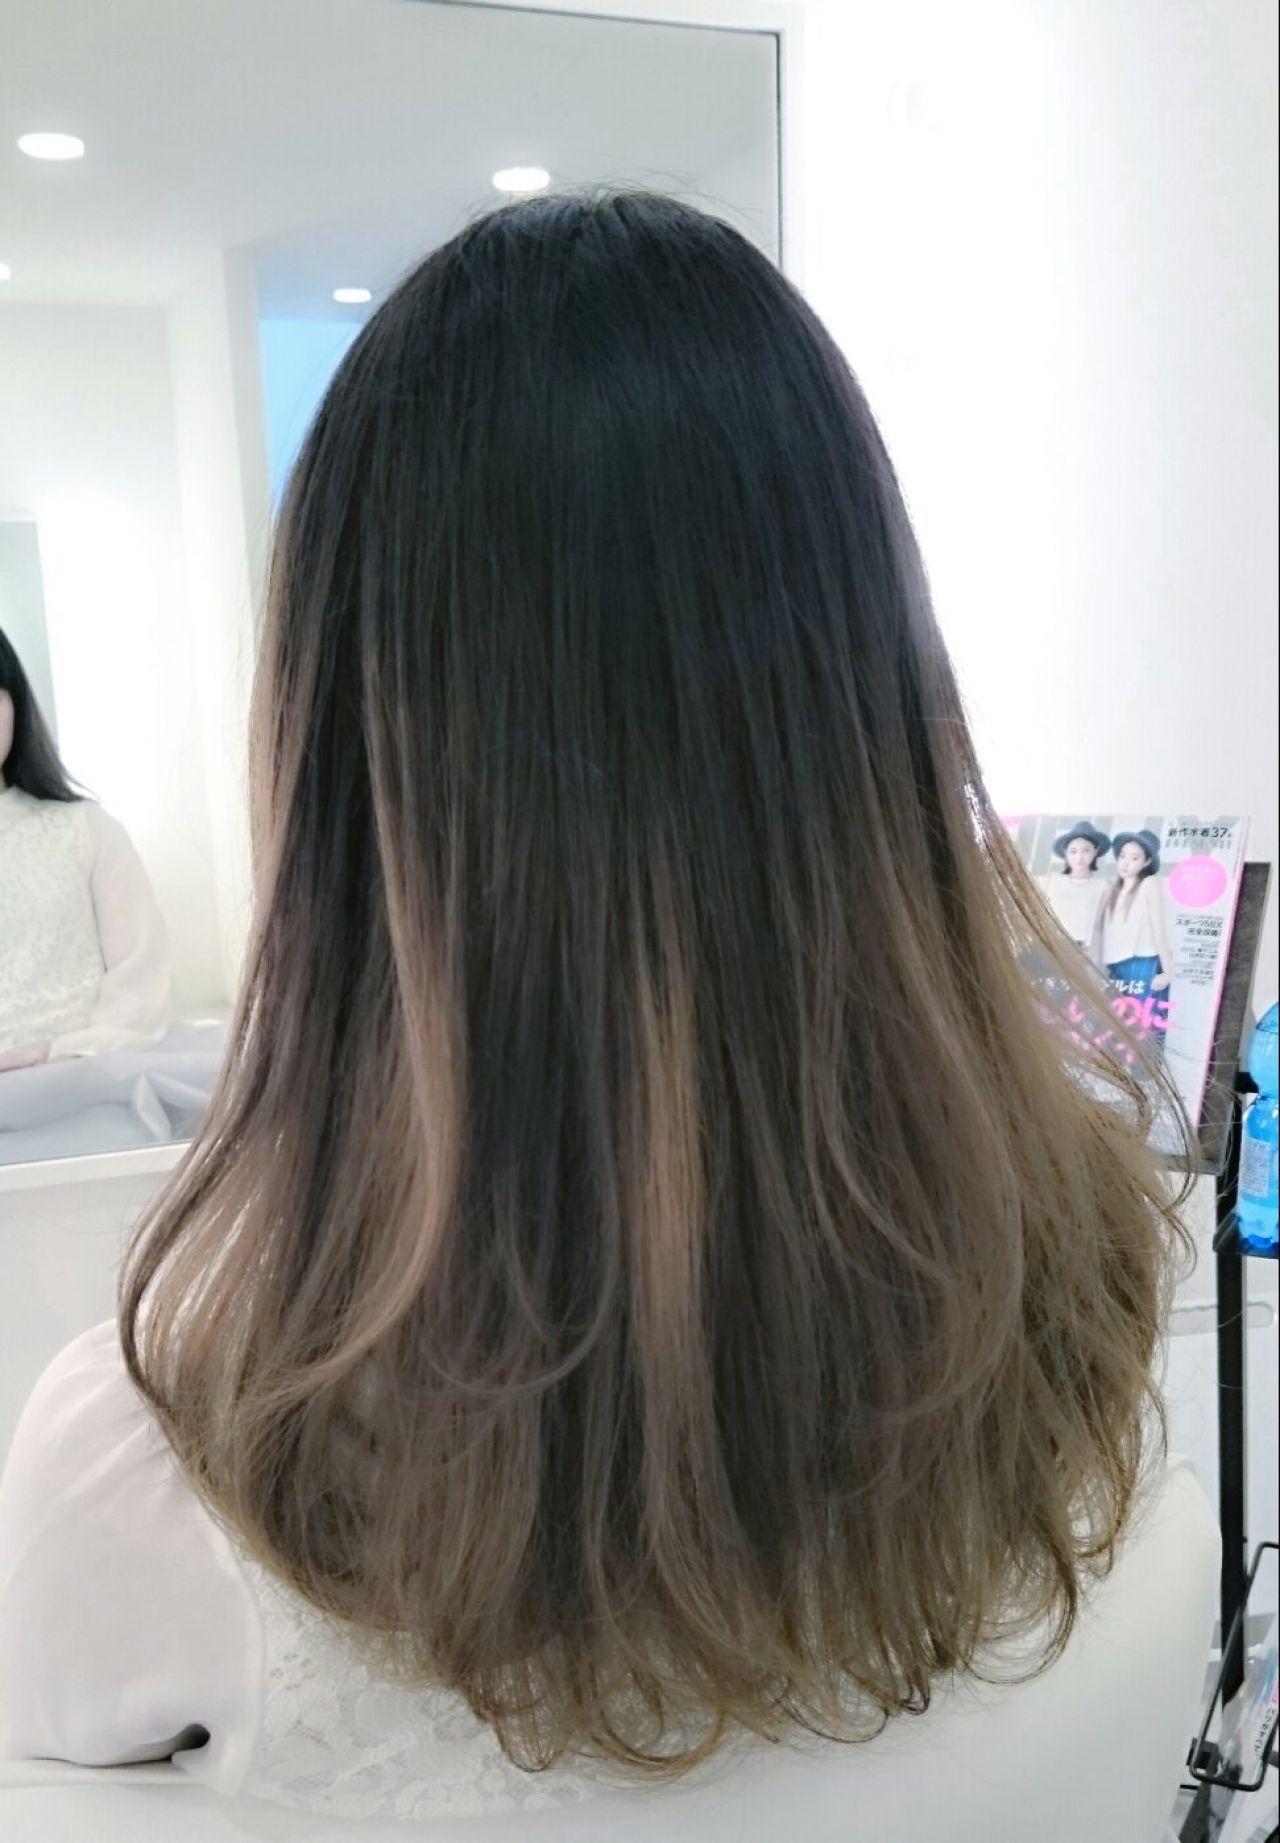 グラデーションカラー パンク ストリート 春ヘアスタイルや髪型の写真・画像